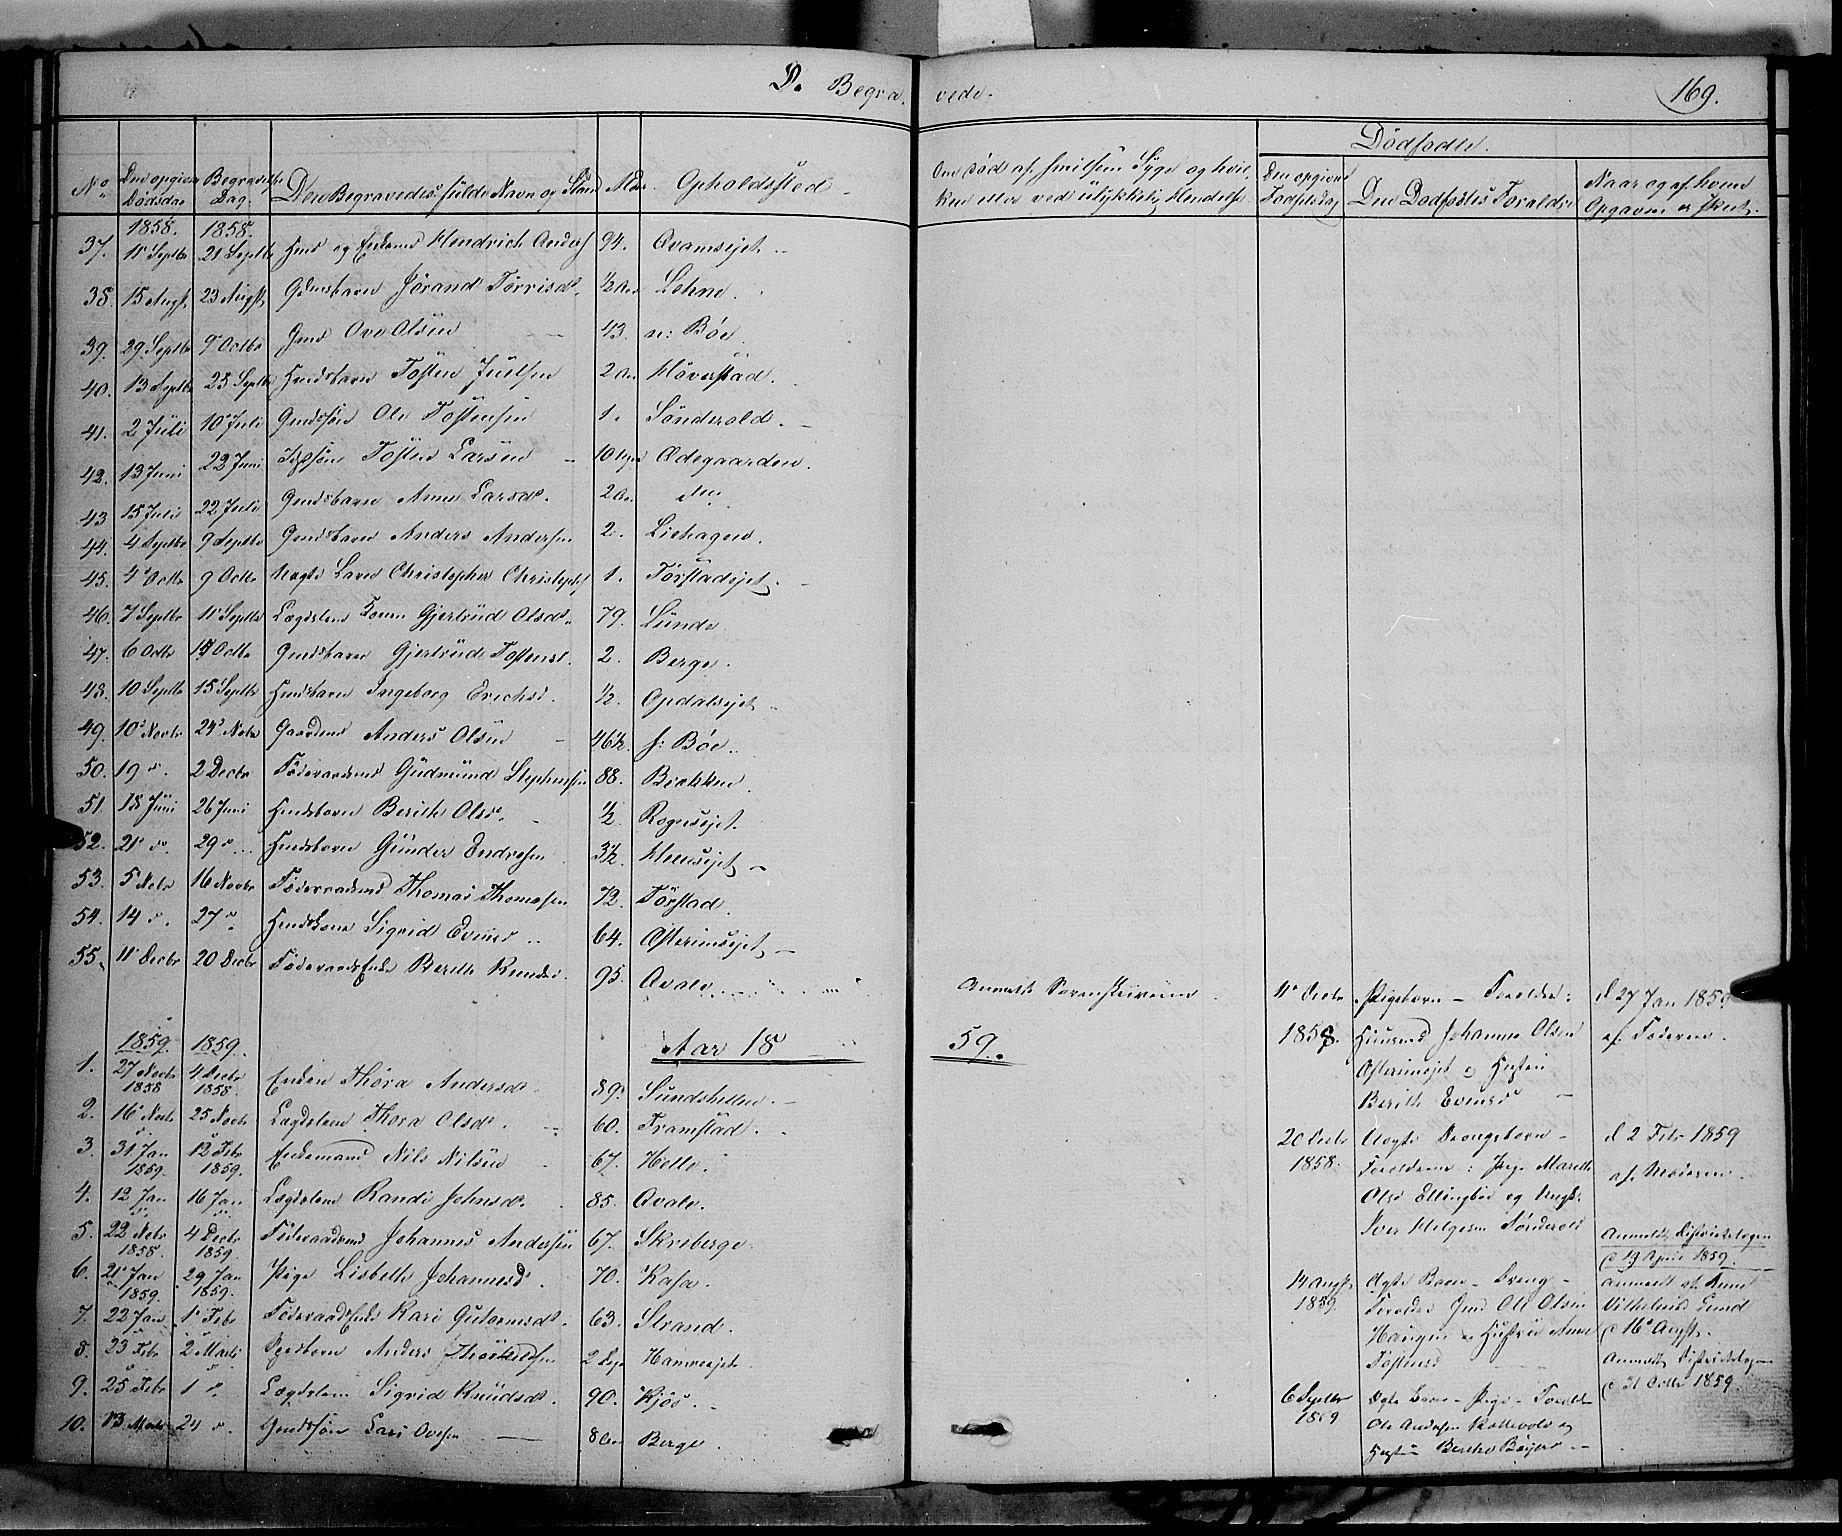 SAH, Vang prestekontor, Valdres, Ministerialbok nr. 6, 1846-1864, s. 169